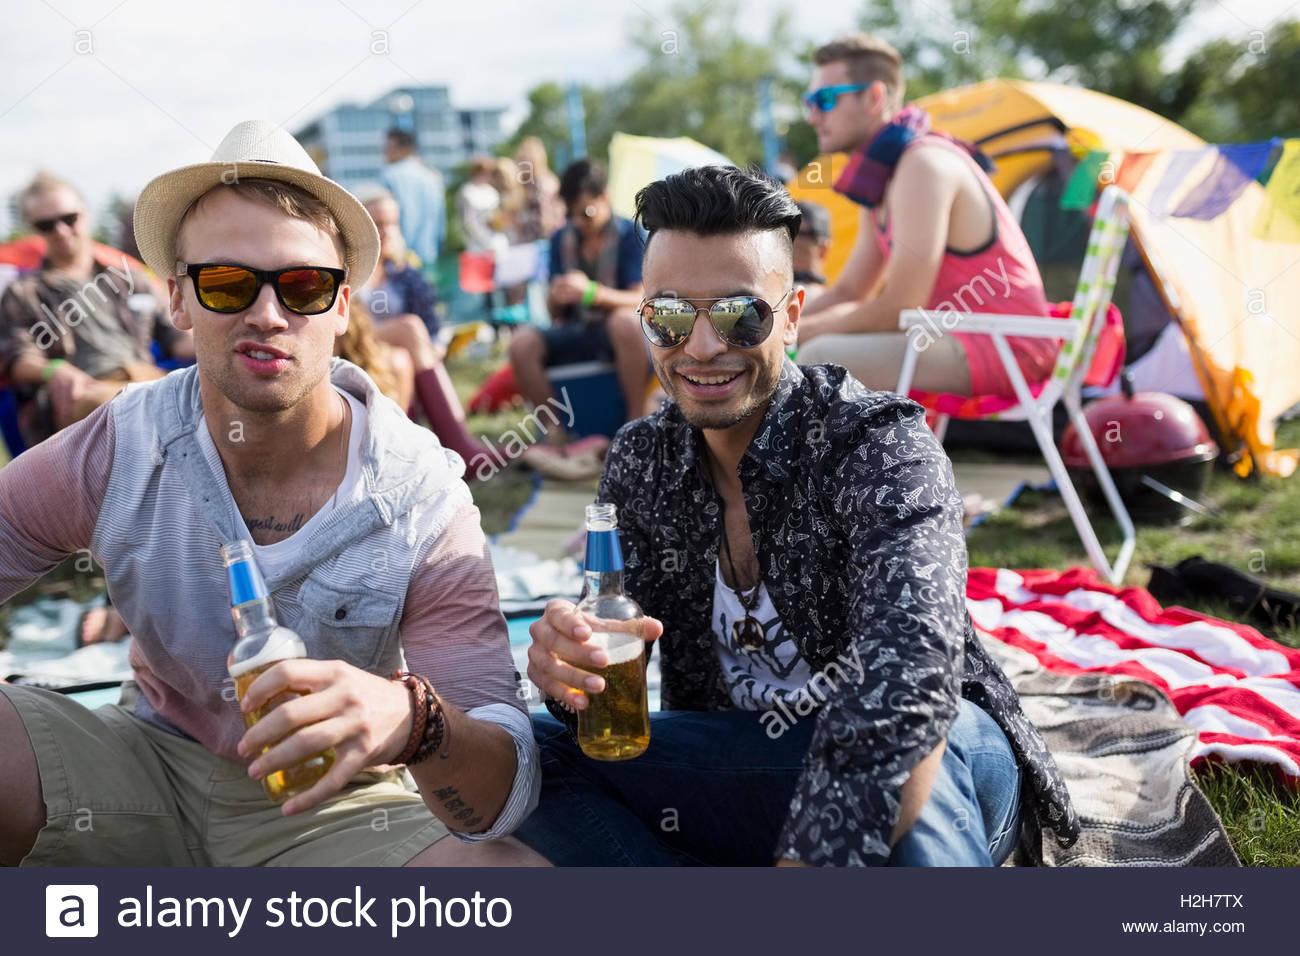 Retrato jóvenes bebiendo cerveza en el festival de música de verano camping Imagen De Stock